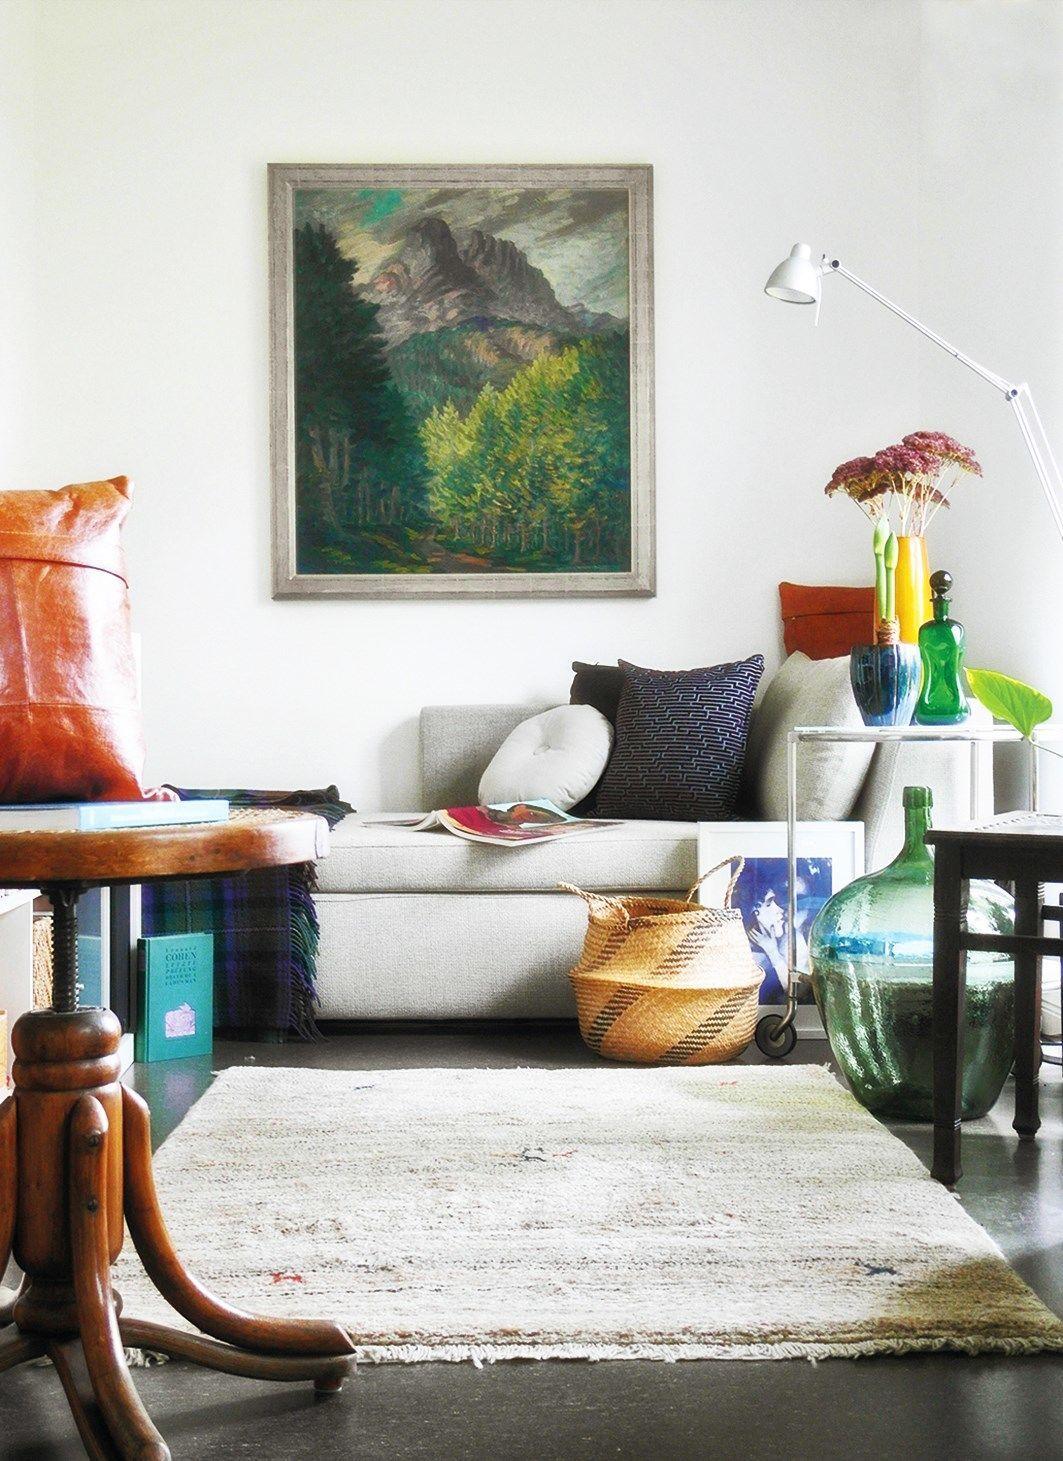 Kuhle Startseite Dekoration Modernen Dekoration Wohnzimmer Fruhling #15: Landhaus Wohnzimmer. Novemberzimmer - Deco Home Fotofrage